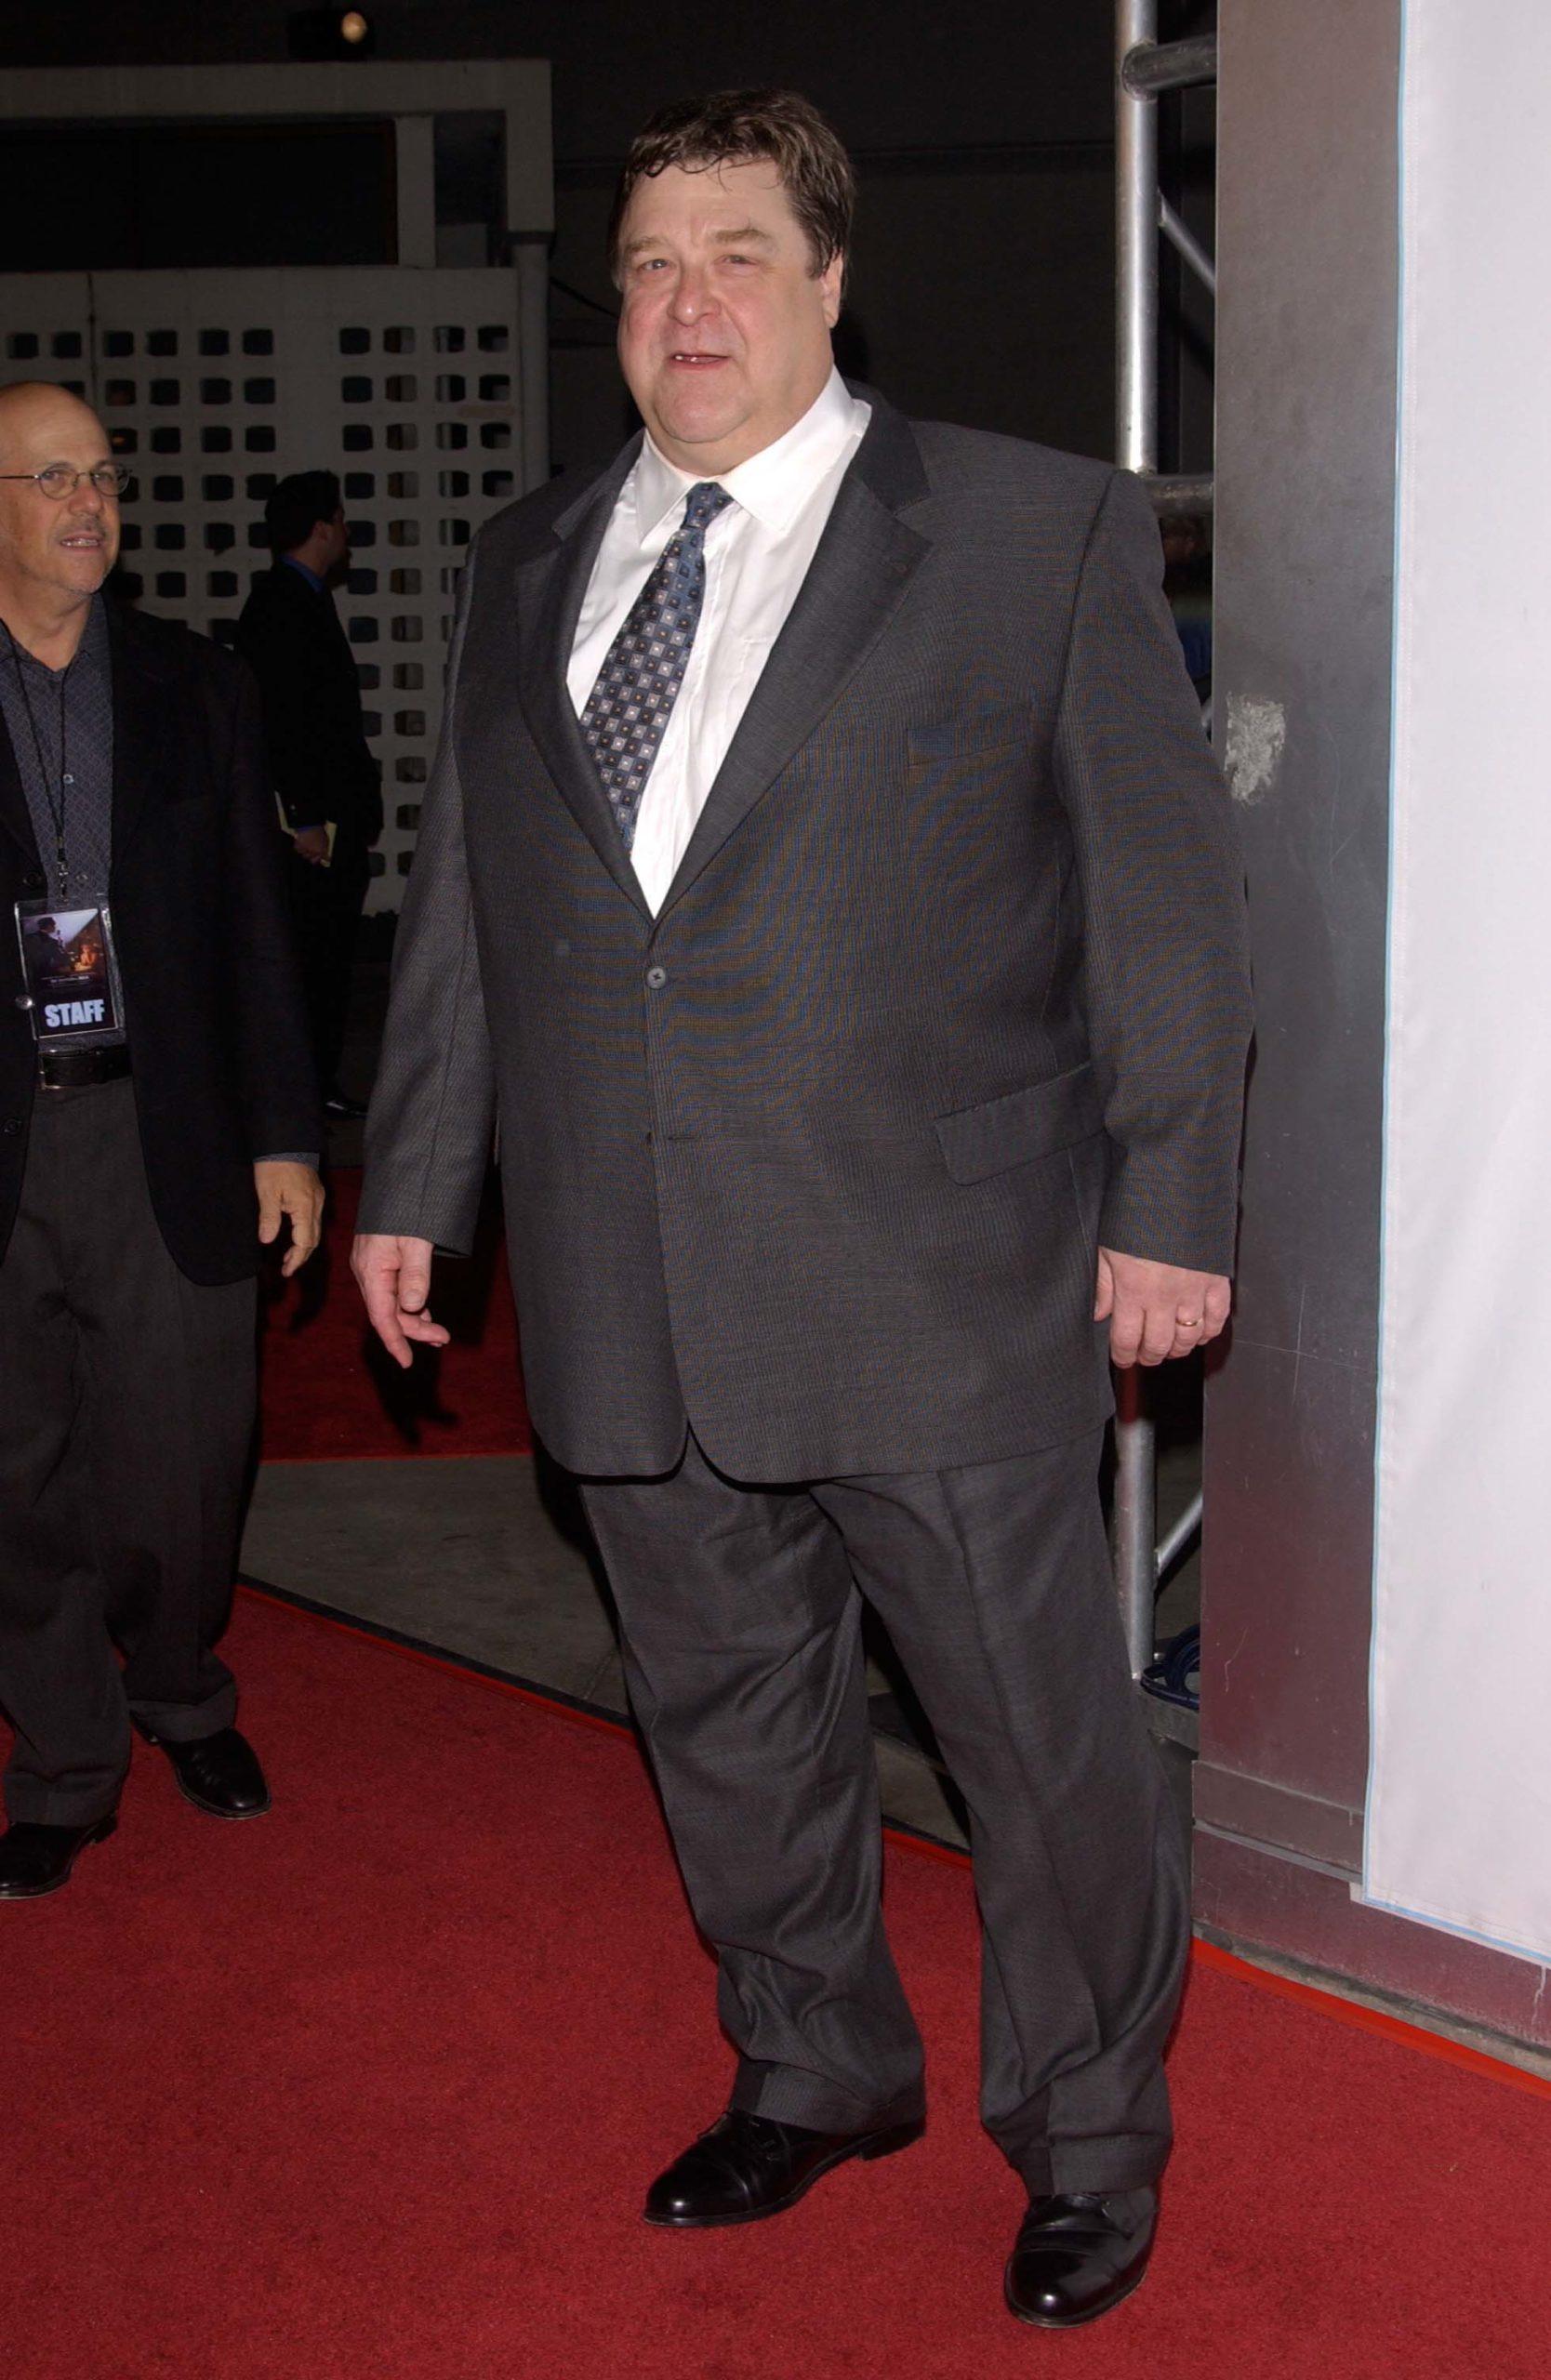 john goodman supliment de pierdere în greutate